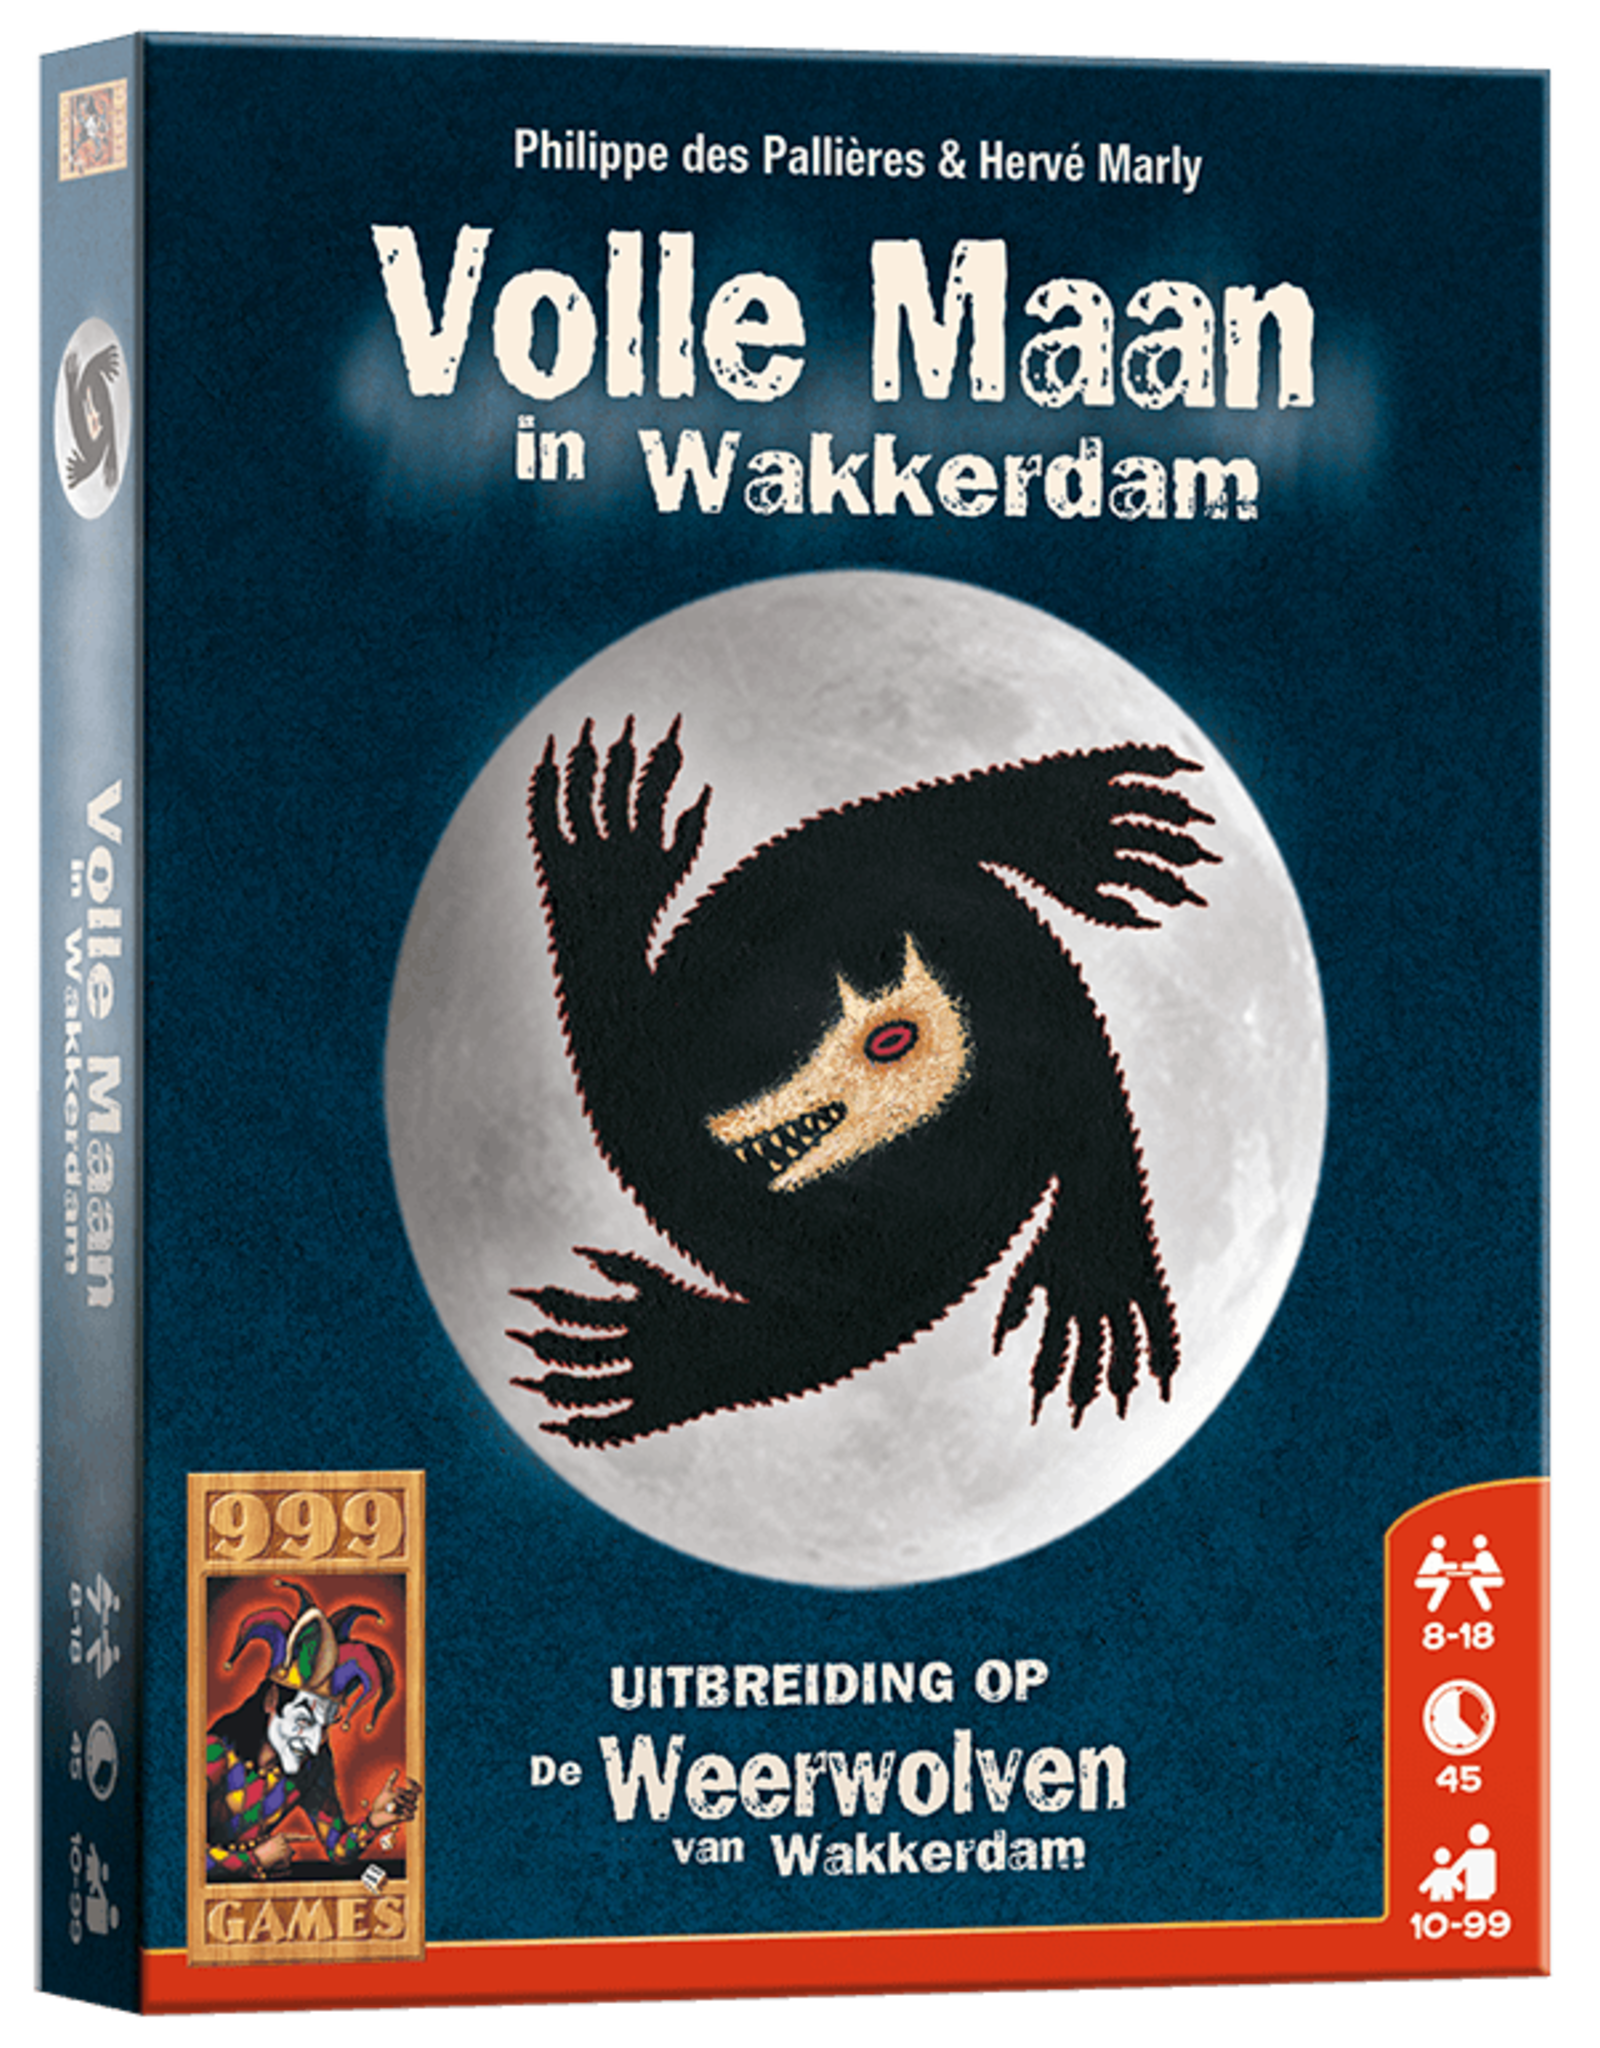 999 Games De Weerwolven van Wakkerdam - Volle Maan in Wakkerdam